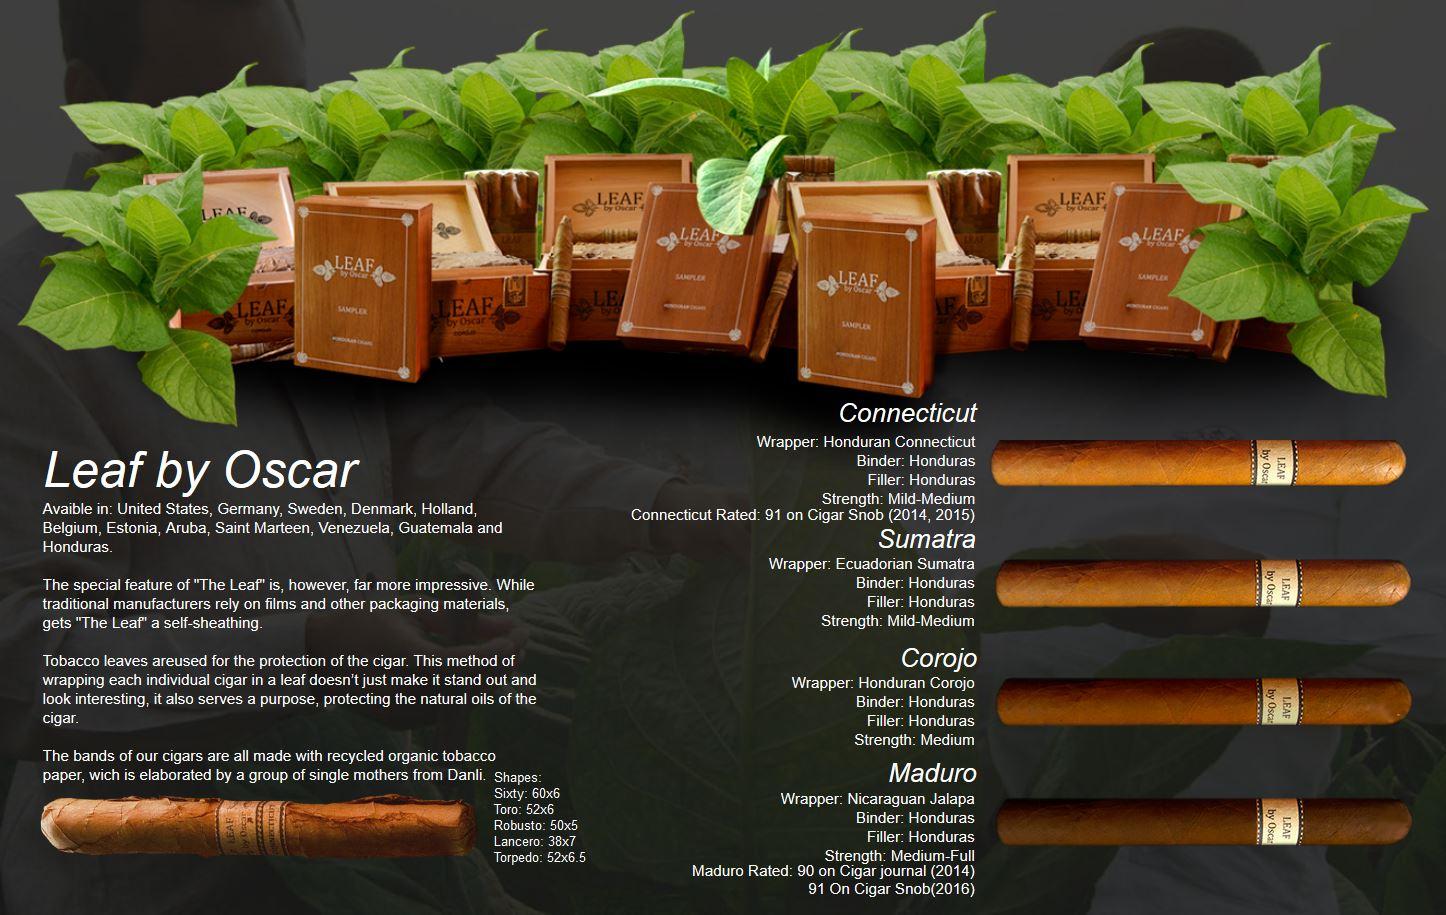 leaf_by_oscar_valladares.JPG